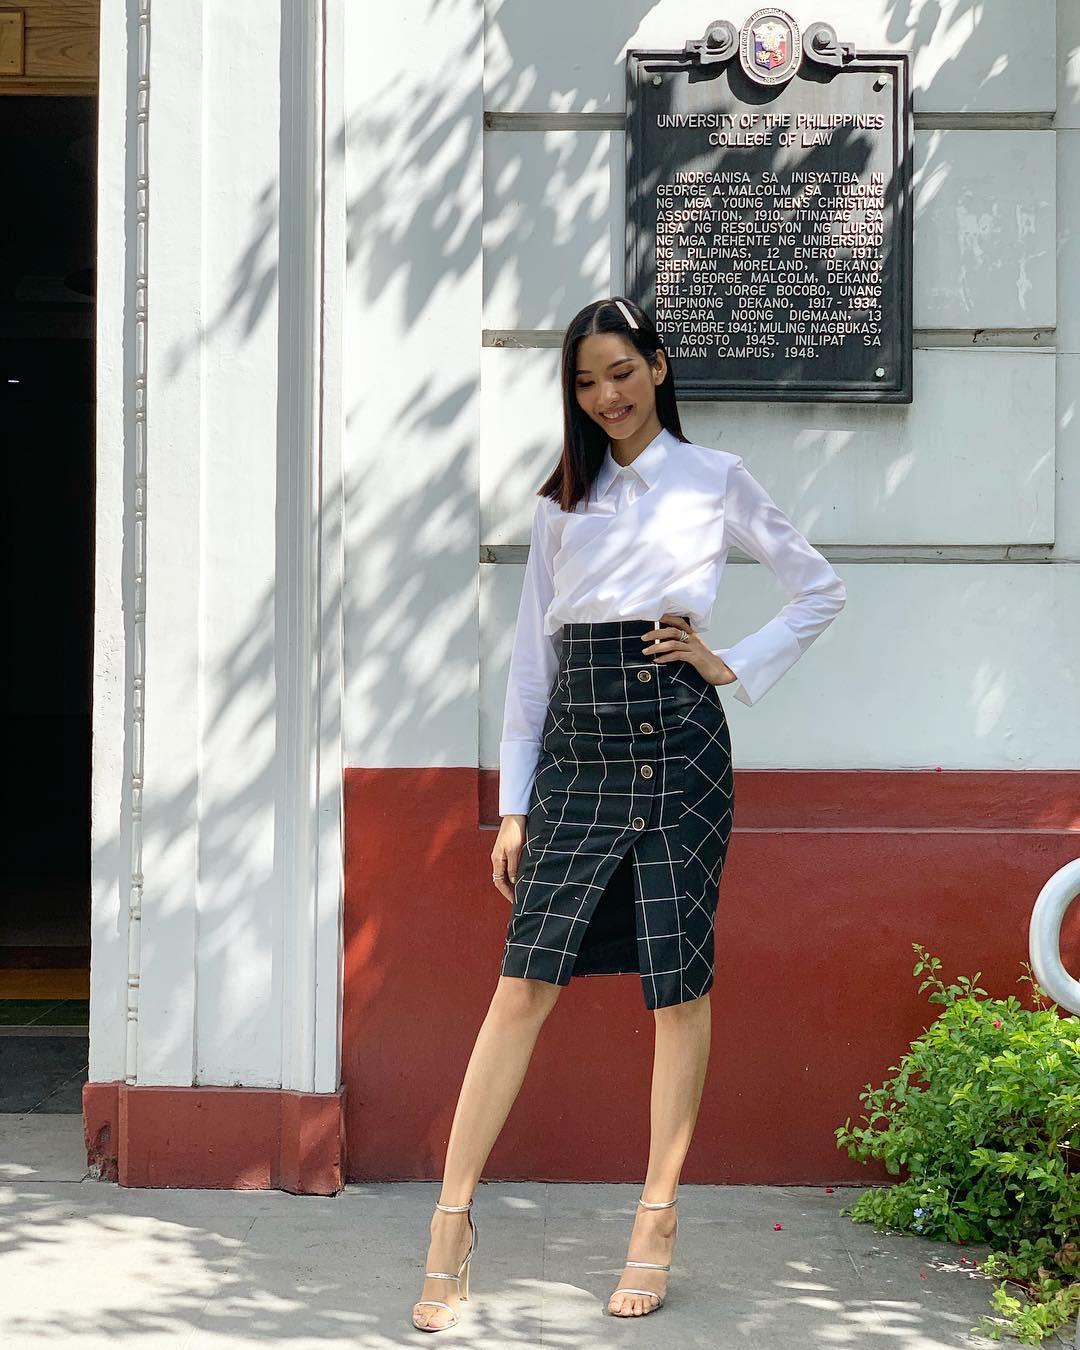 Làm chủ công thức diện đồ đen - trắng với 13 ý tưởng từ sao nữ Việt, và style của bạn sẽ lên đời thấy rõ-11